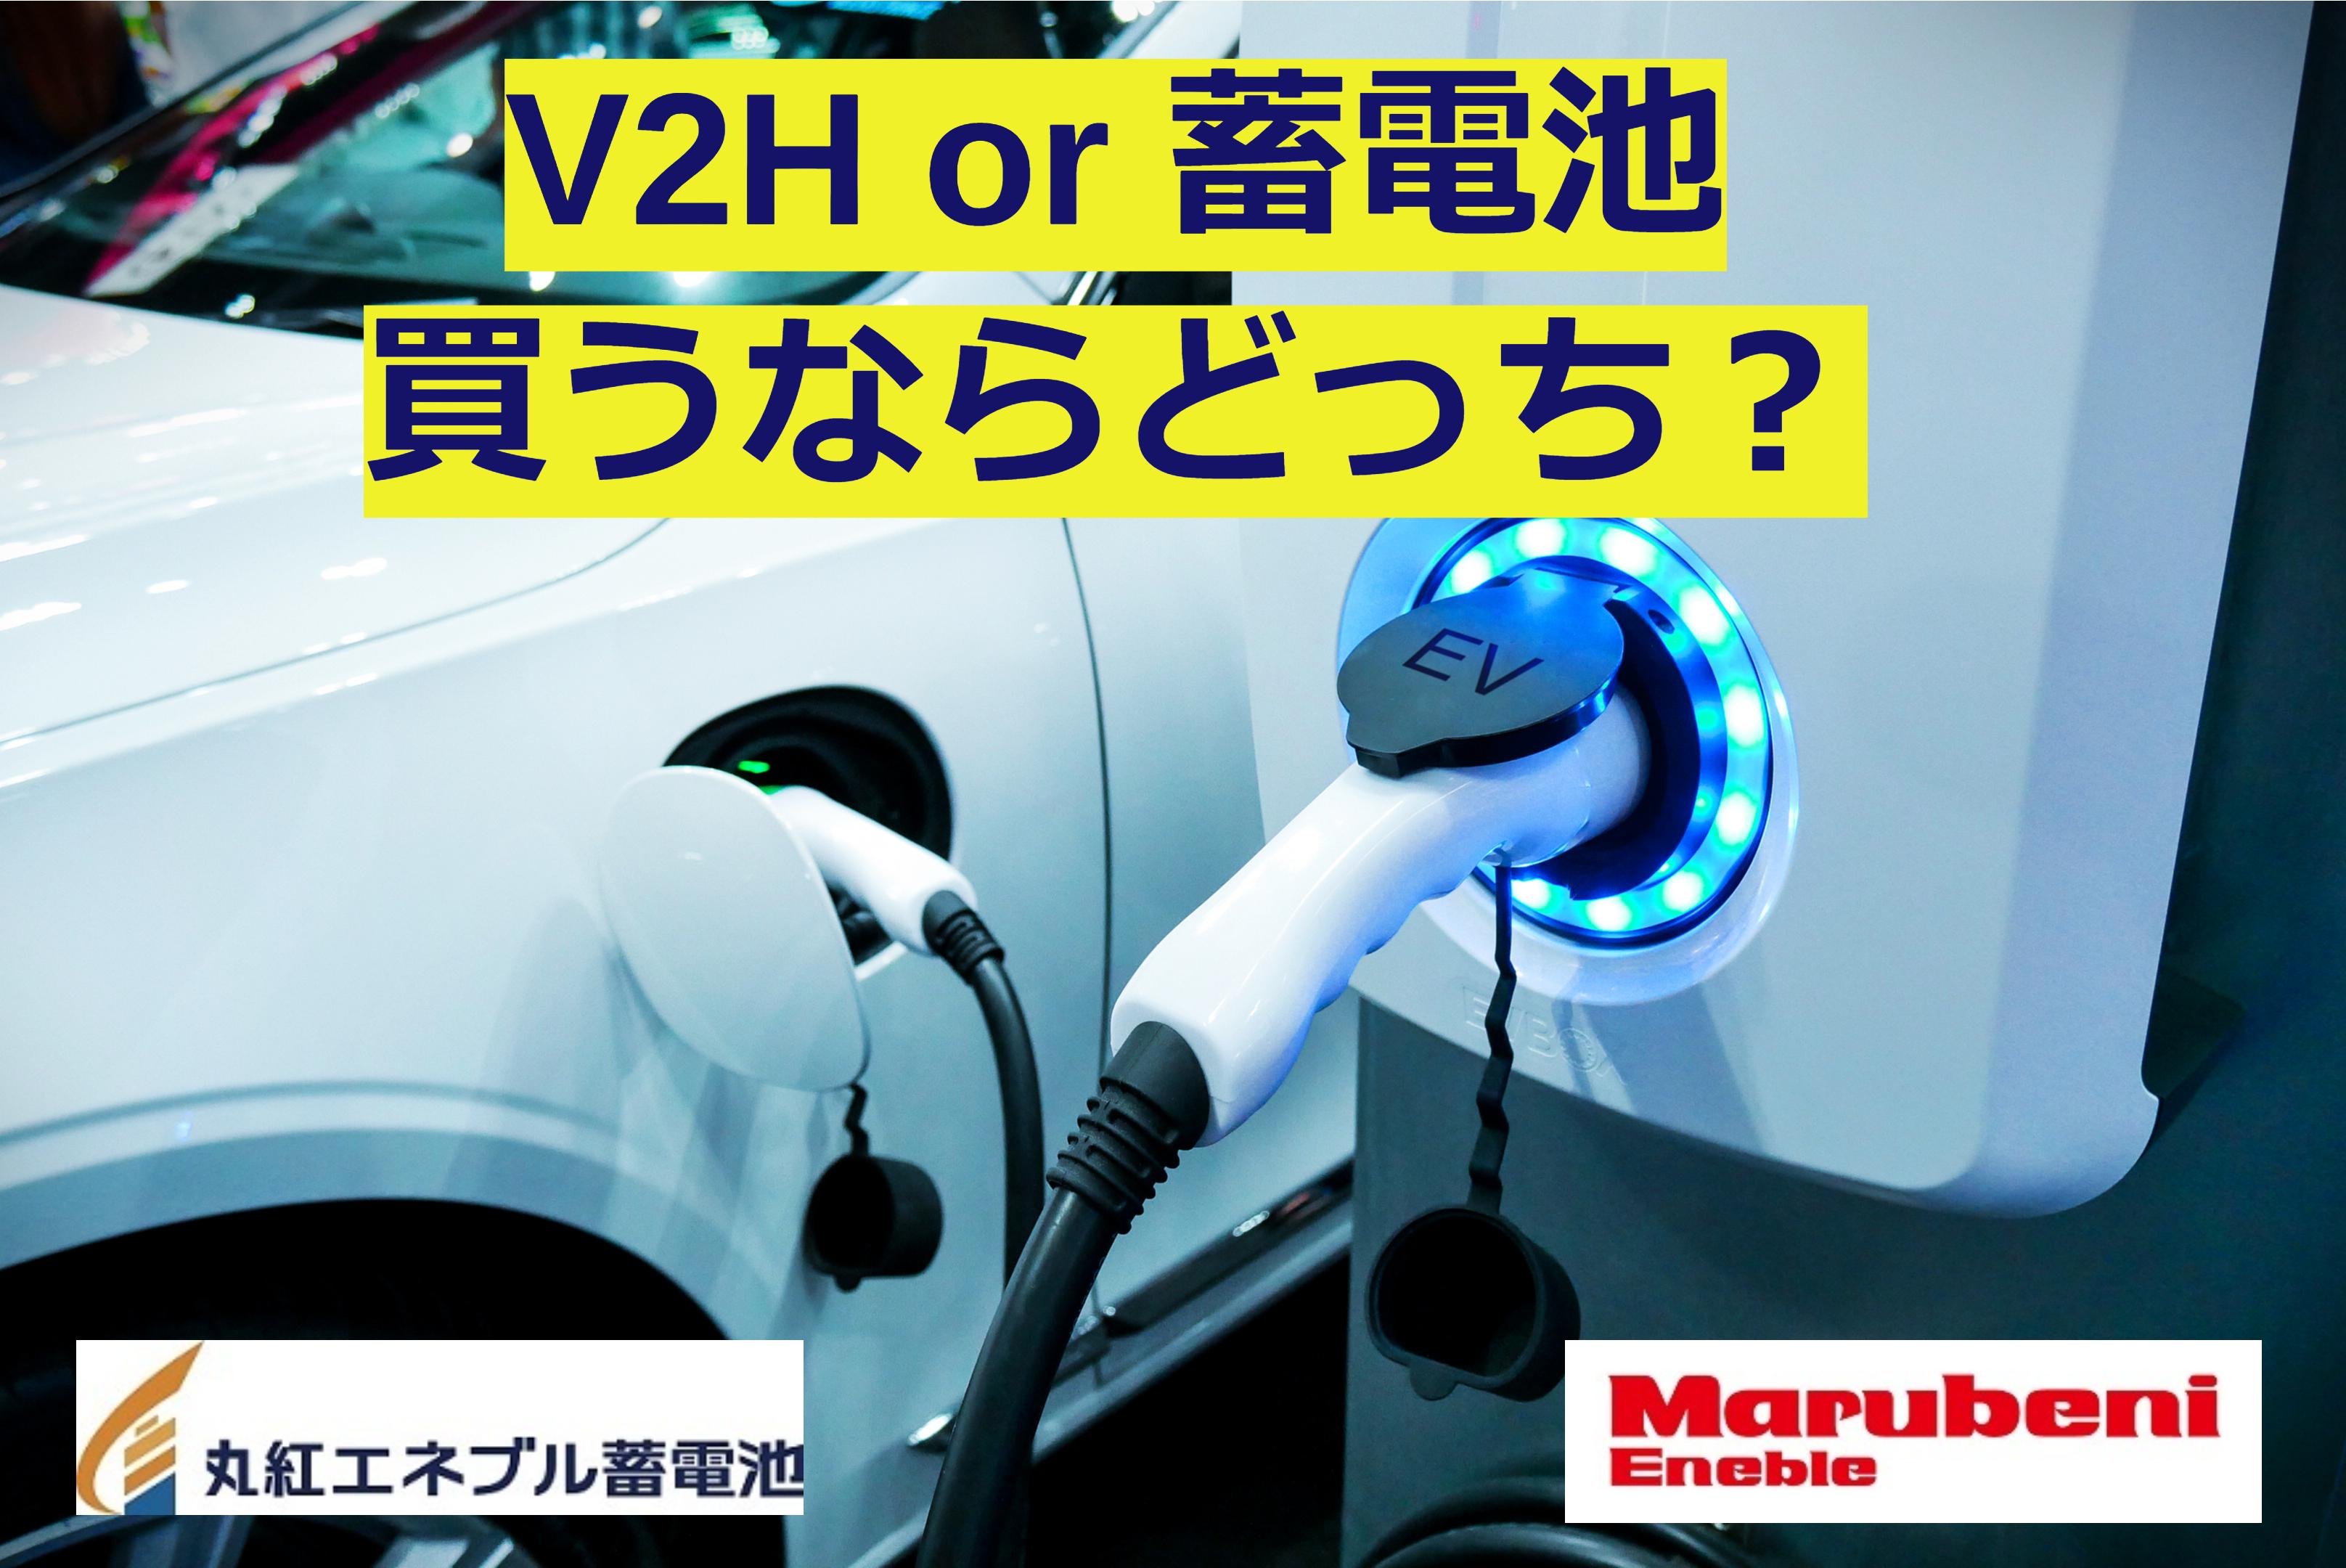 V2Hと家庭用蓄電池どっちが良い?V2Hメーカーも徹底解説!-丸紅エネブル